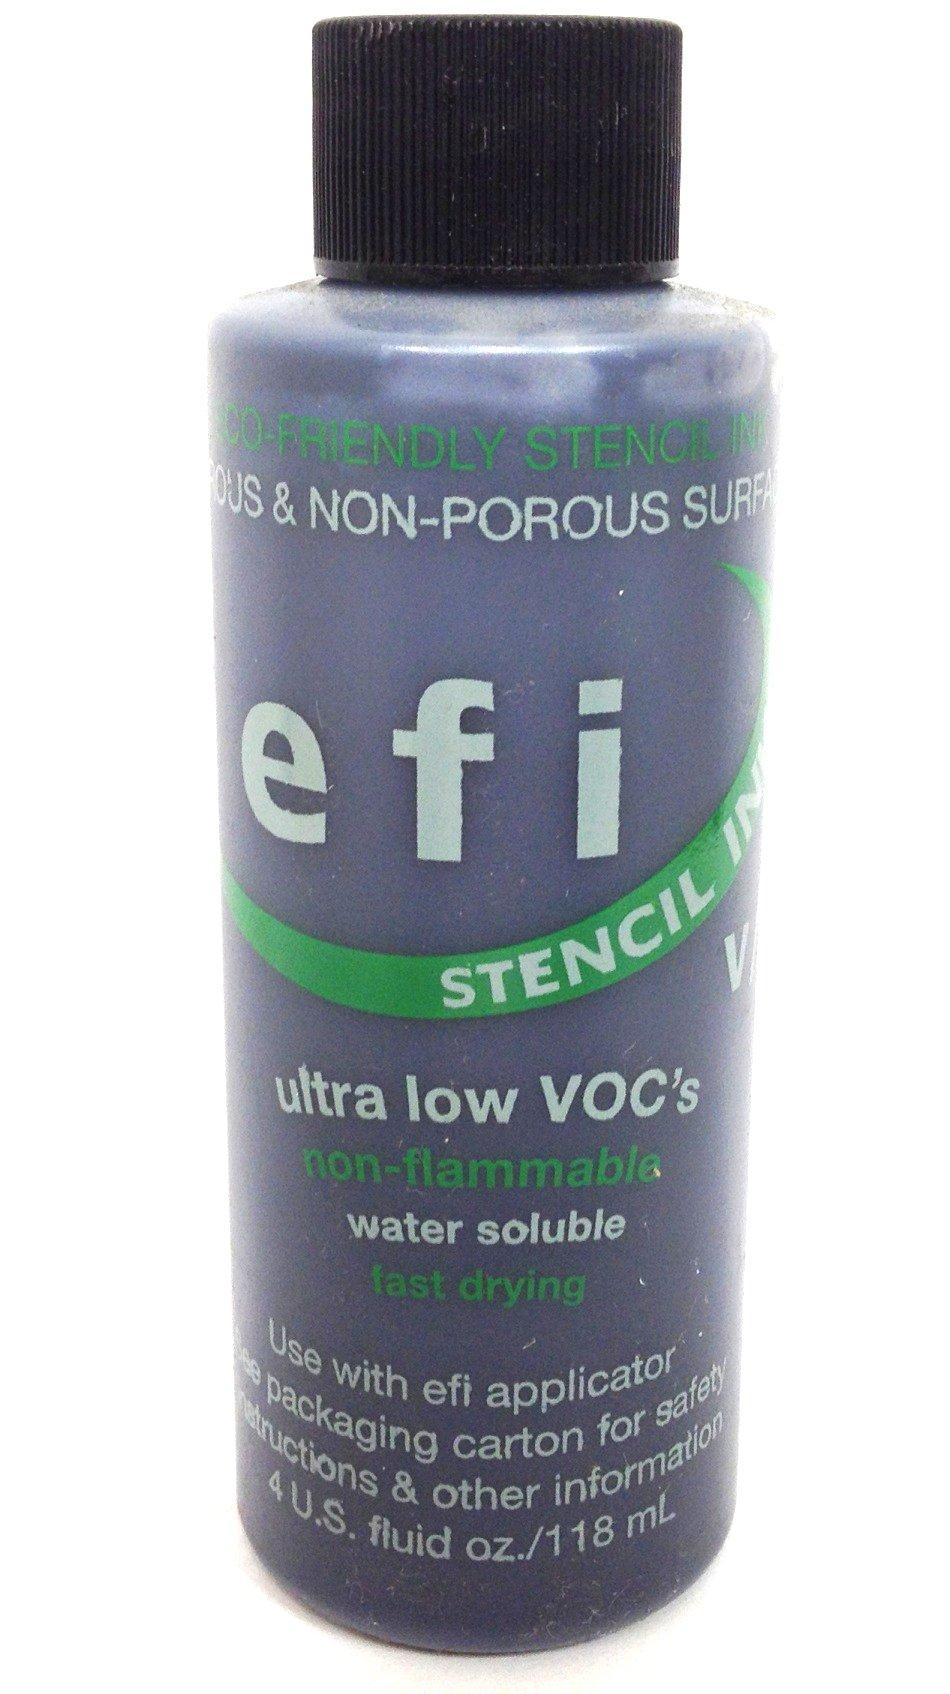 MARSH EFI Stencil Ink, 4 oz Bottle, Black (Pack of 12) by Marsh